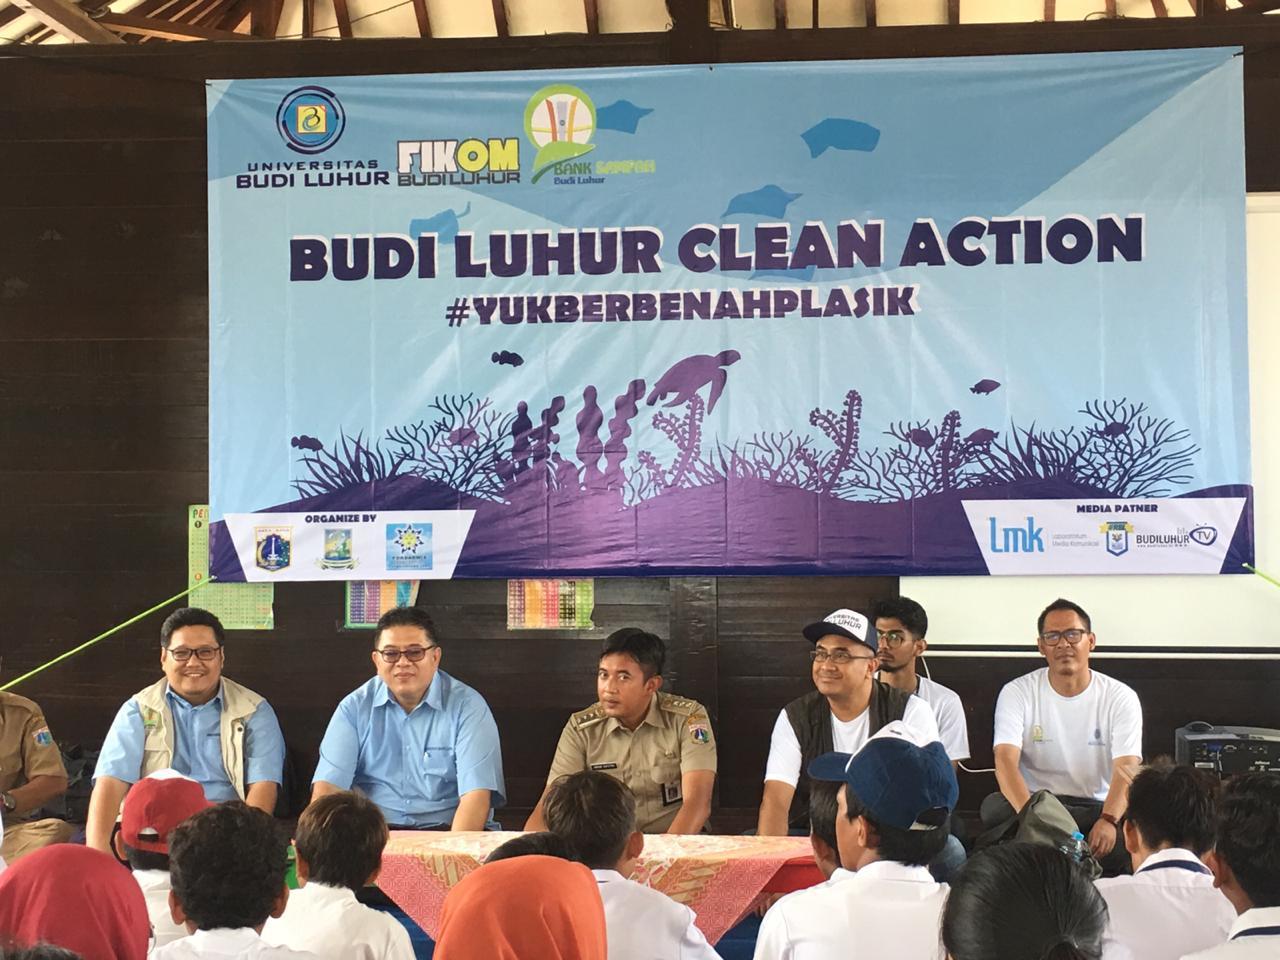 Universitas Budi Luhur menggelar aksi Budi Luhur Clean Action #YukBerbenahPlastik